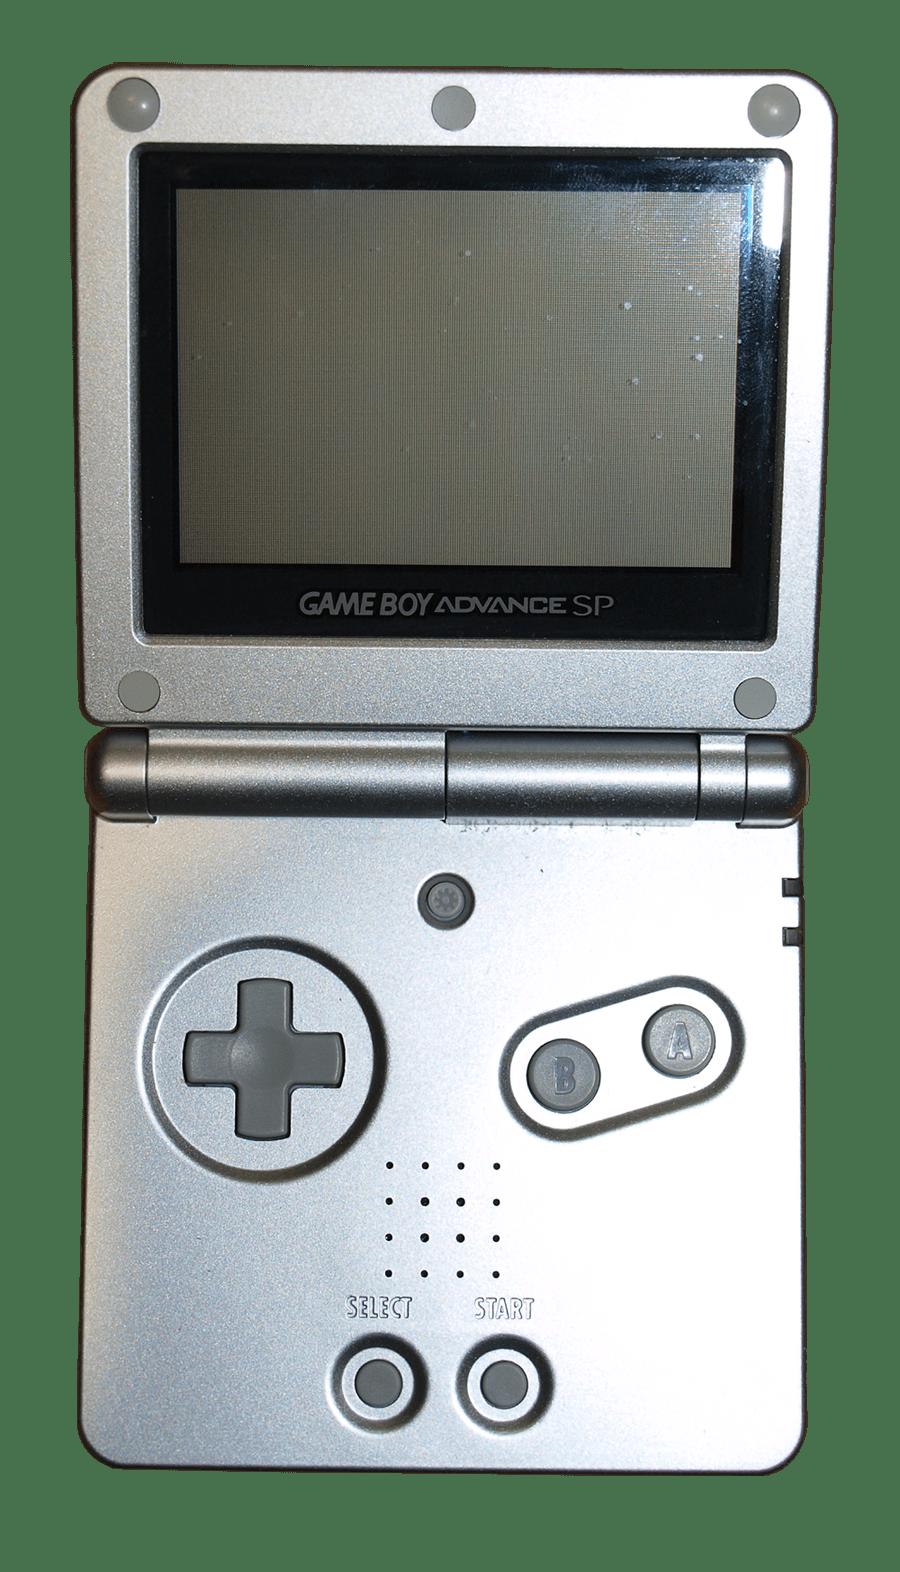 Game Boy Advance SP Pokémon Center Limited Pikachu Edition ...